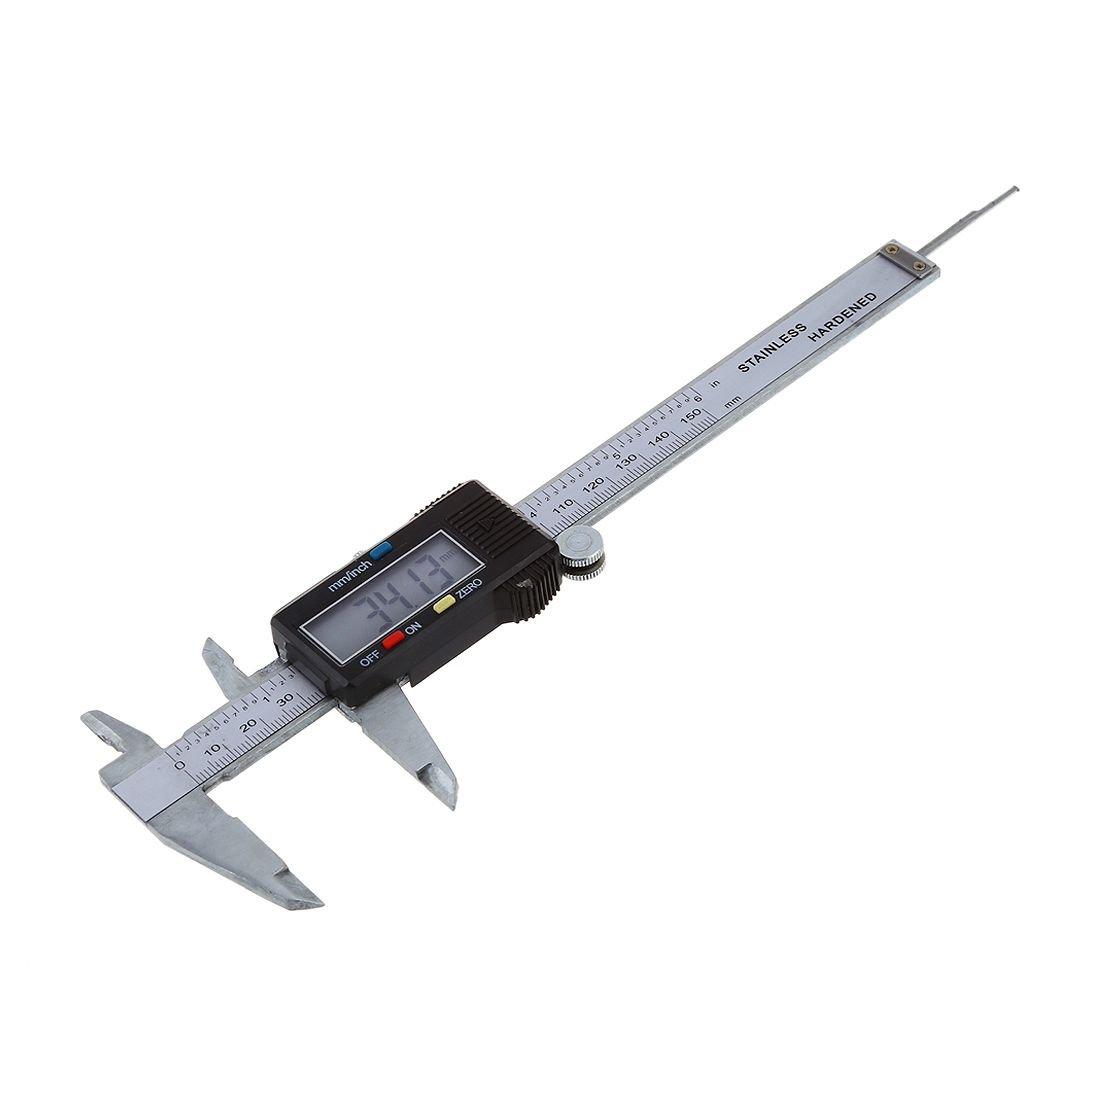 SODIAL 6 pulgadas LCD Nonio Digital Micrometro Herramienta de medicion de precision de acero inoxidable